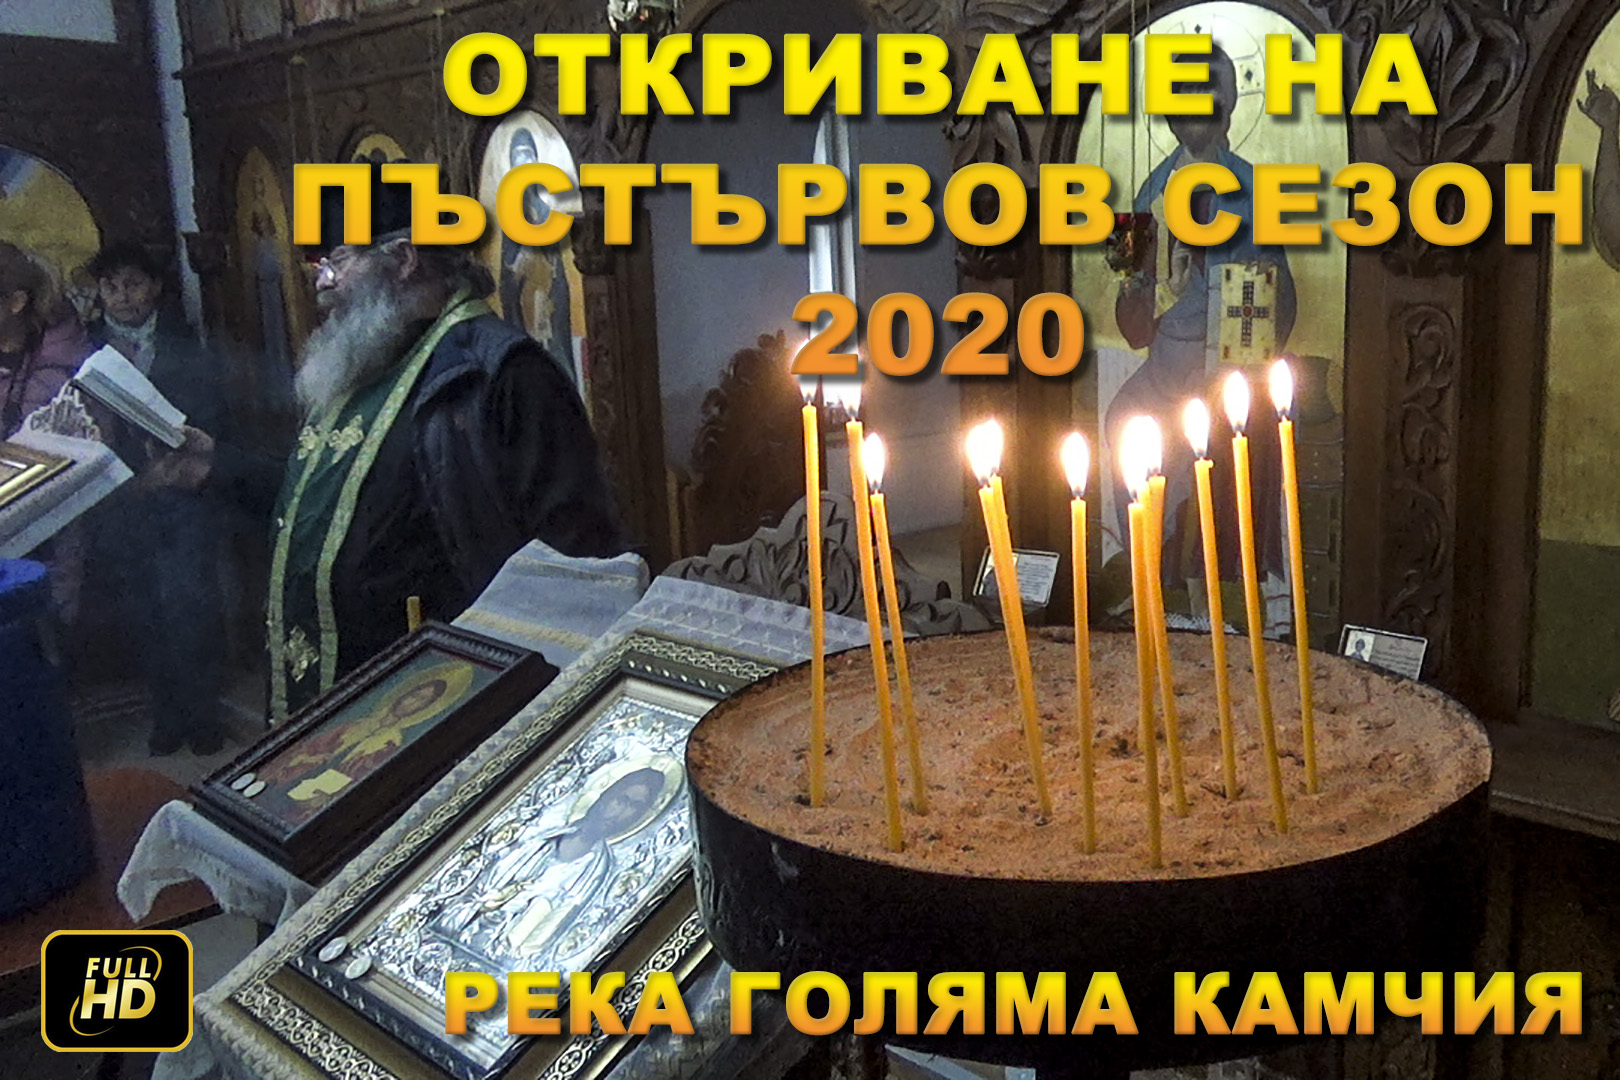 Откриване на пъстървовия сезон - 2020